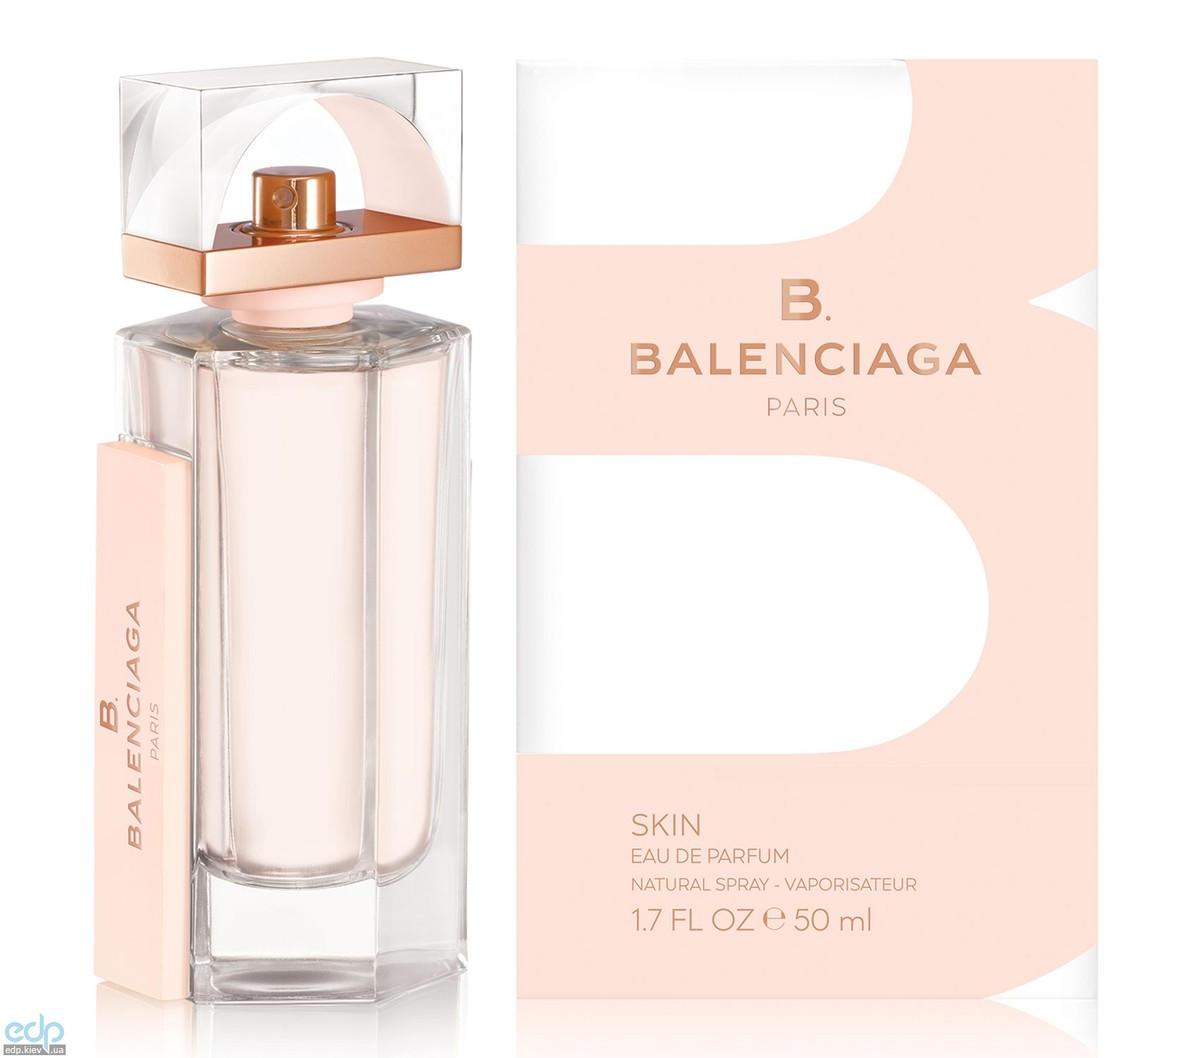 Cristobal Balenciaga B. Balenciaga Skin